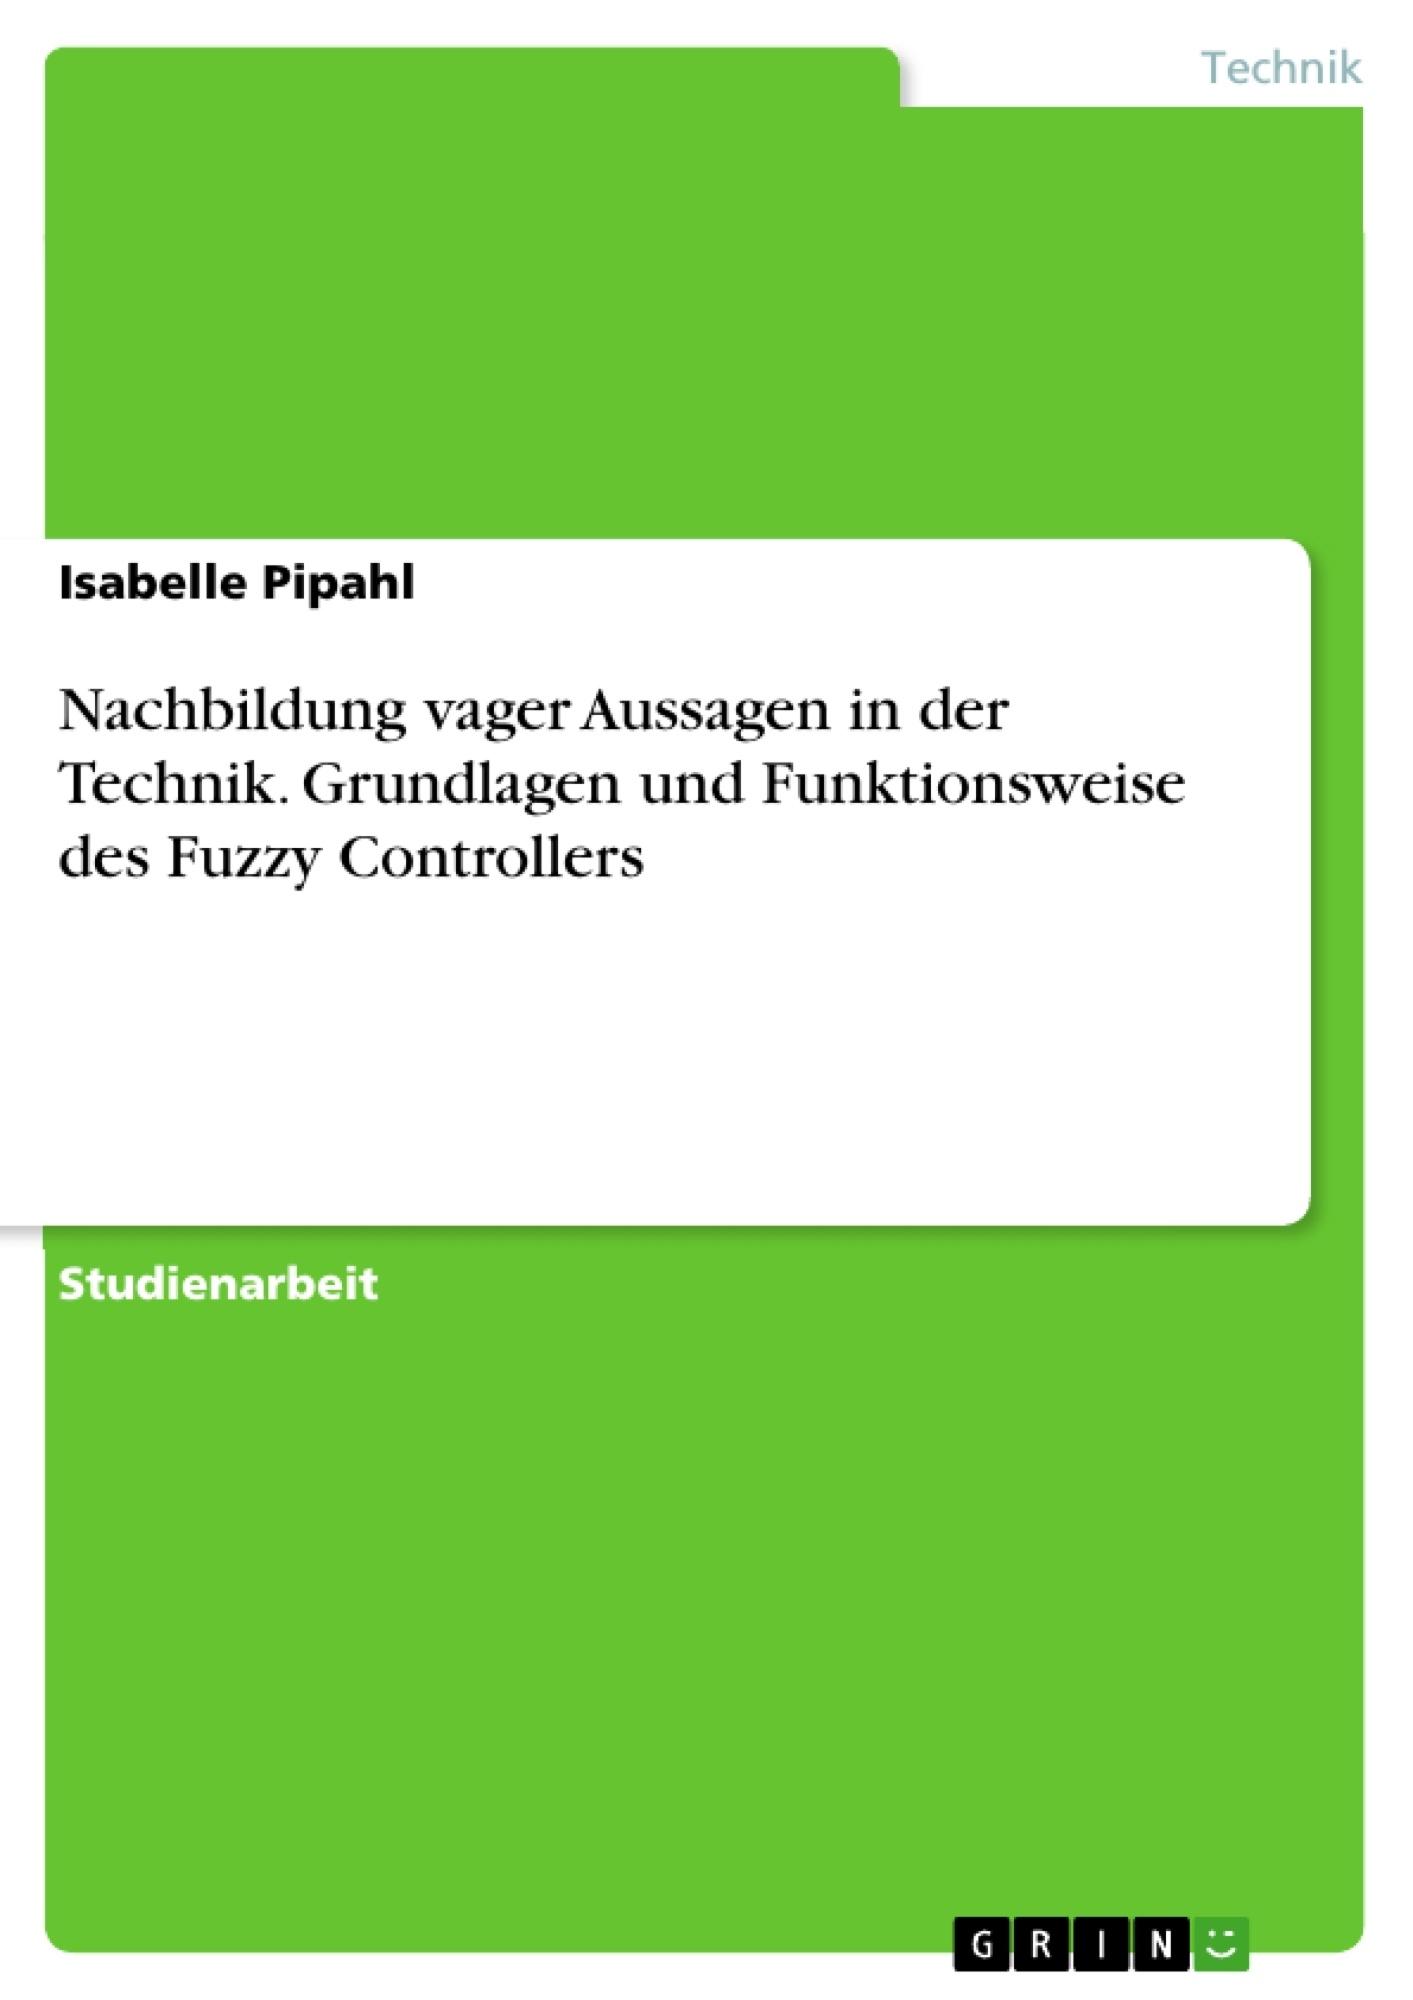 Titel: Nachbildung vager Aussagen in der Technik. Grundlagen und Funktionsweise des Fuzzy Controllers